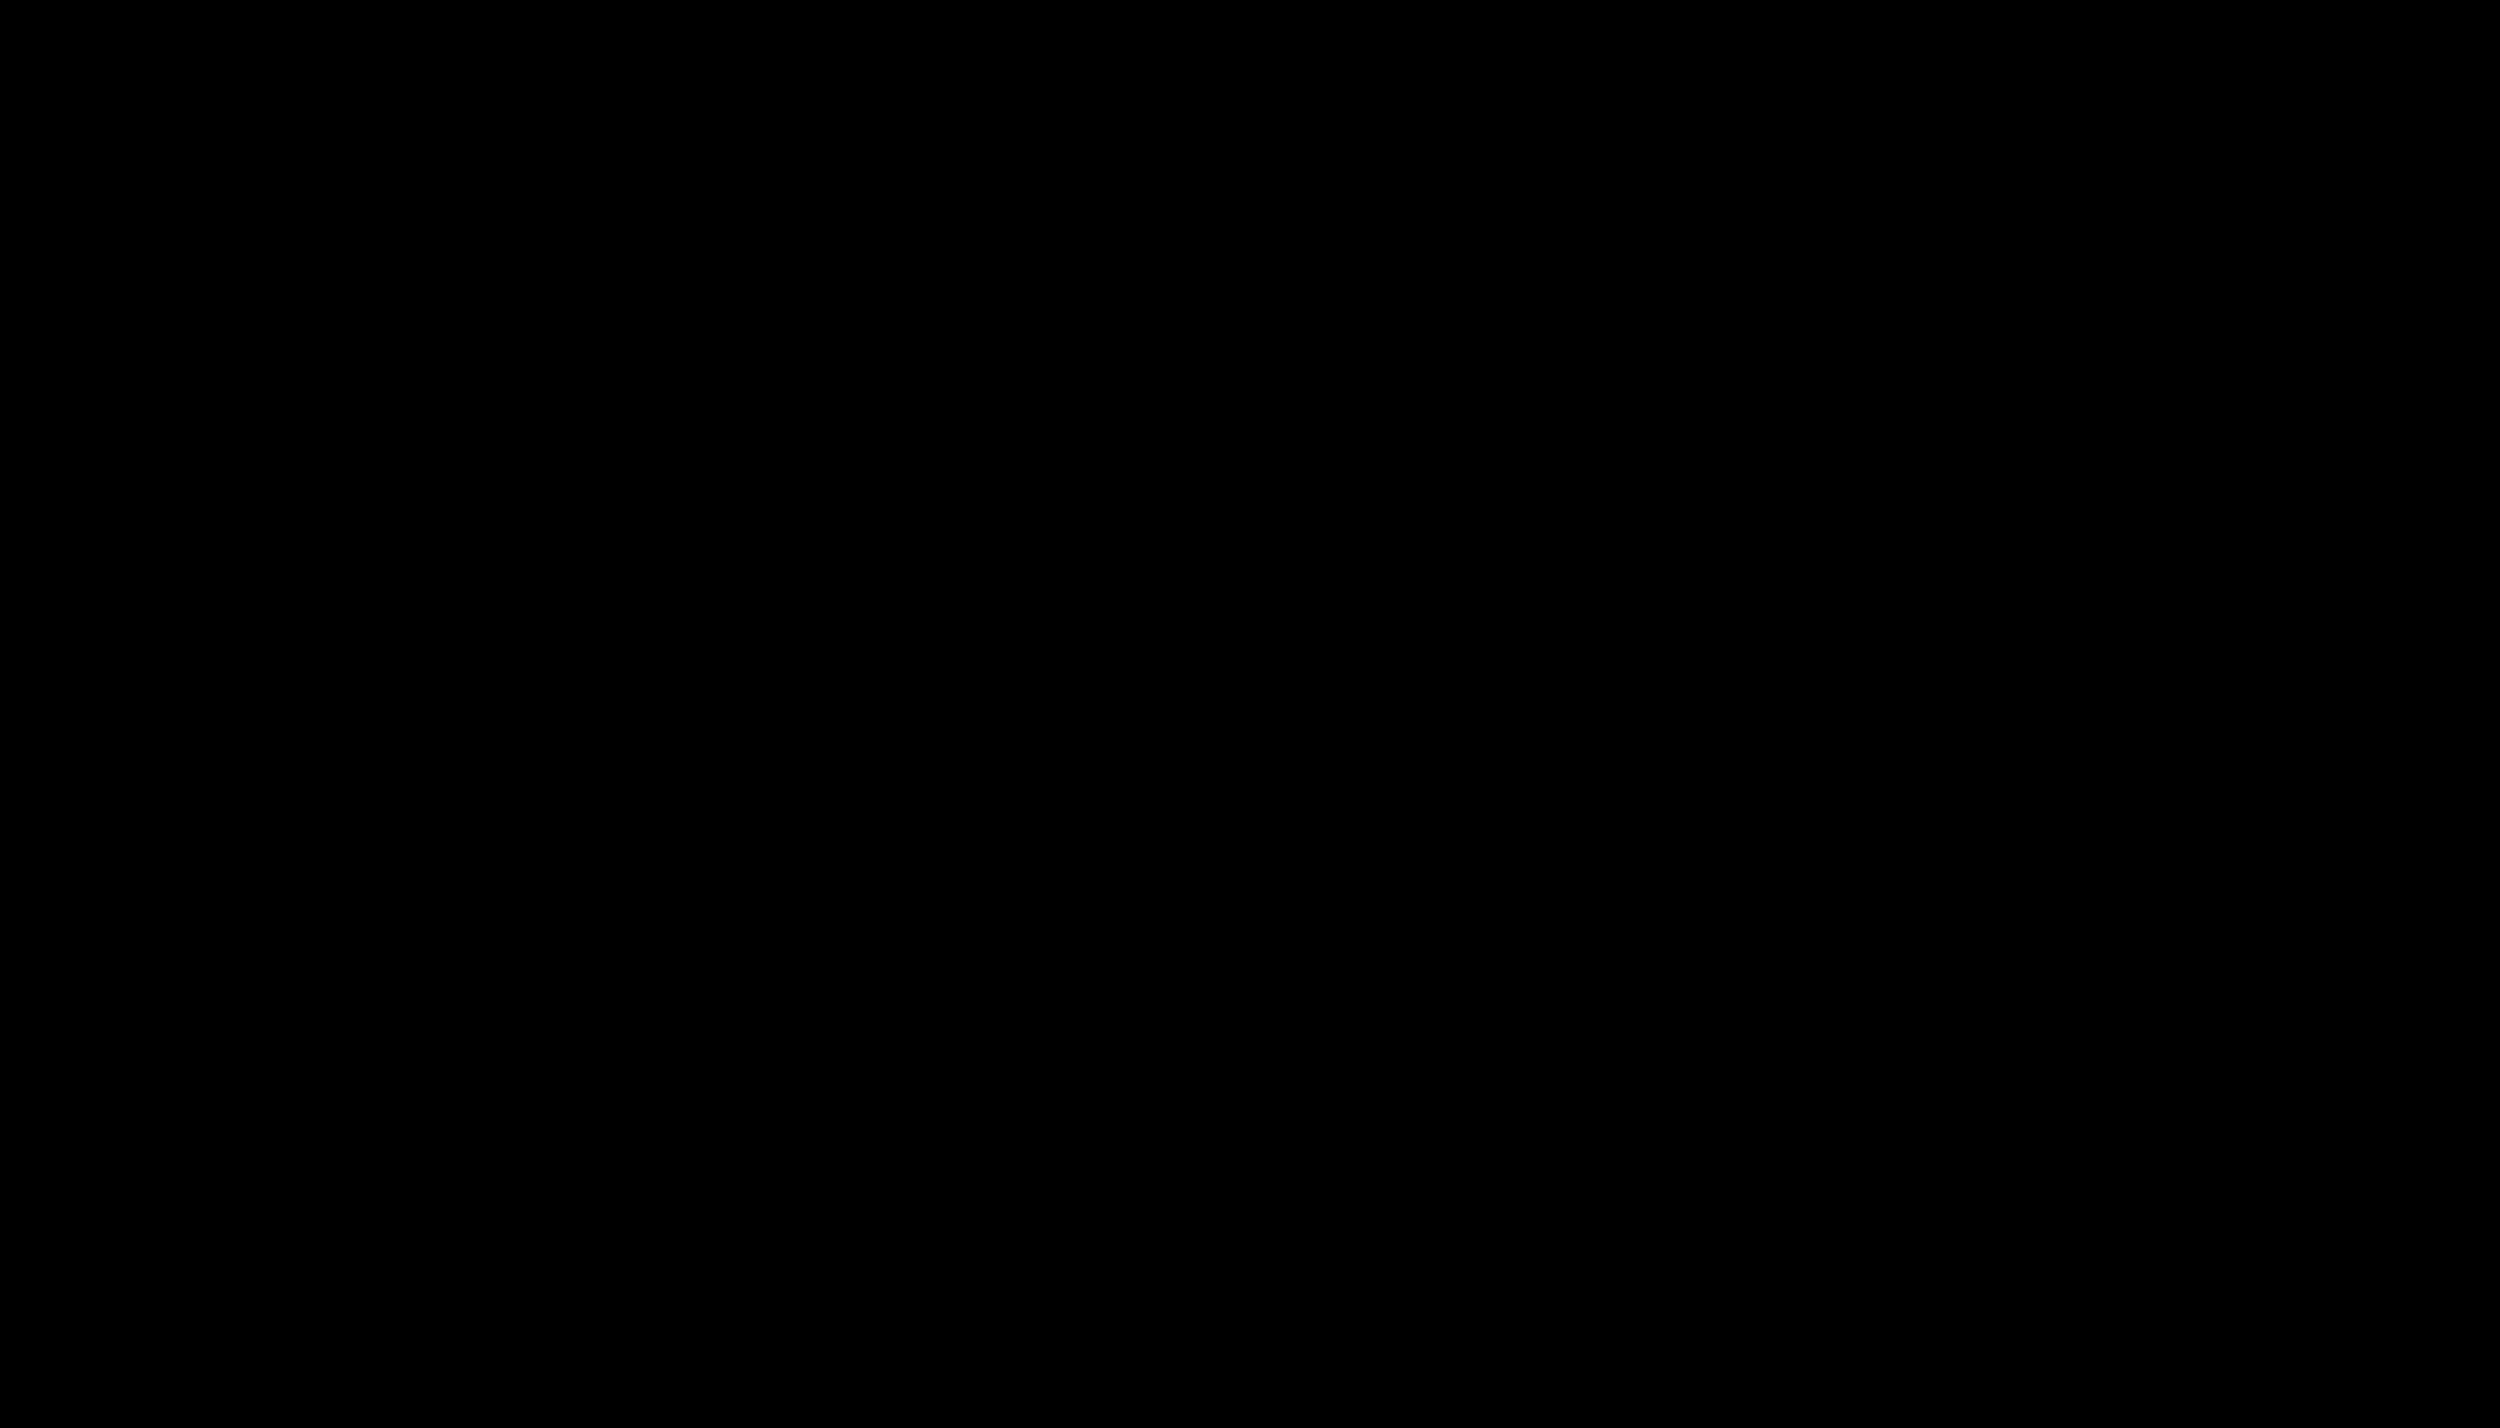 Logos_Zeichenfläche 1 Kopie 3.png